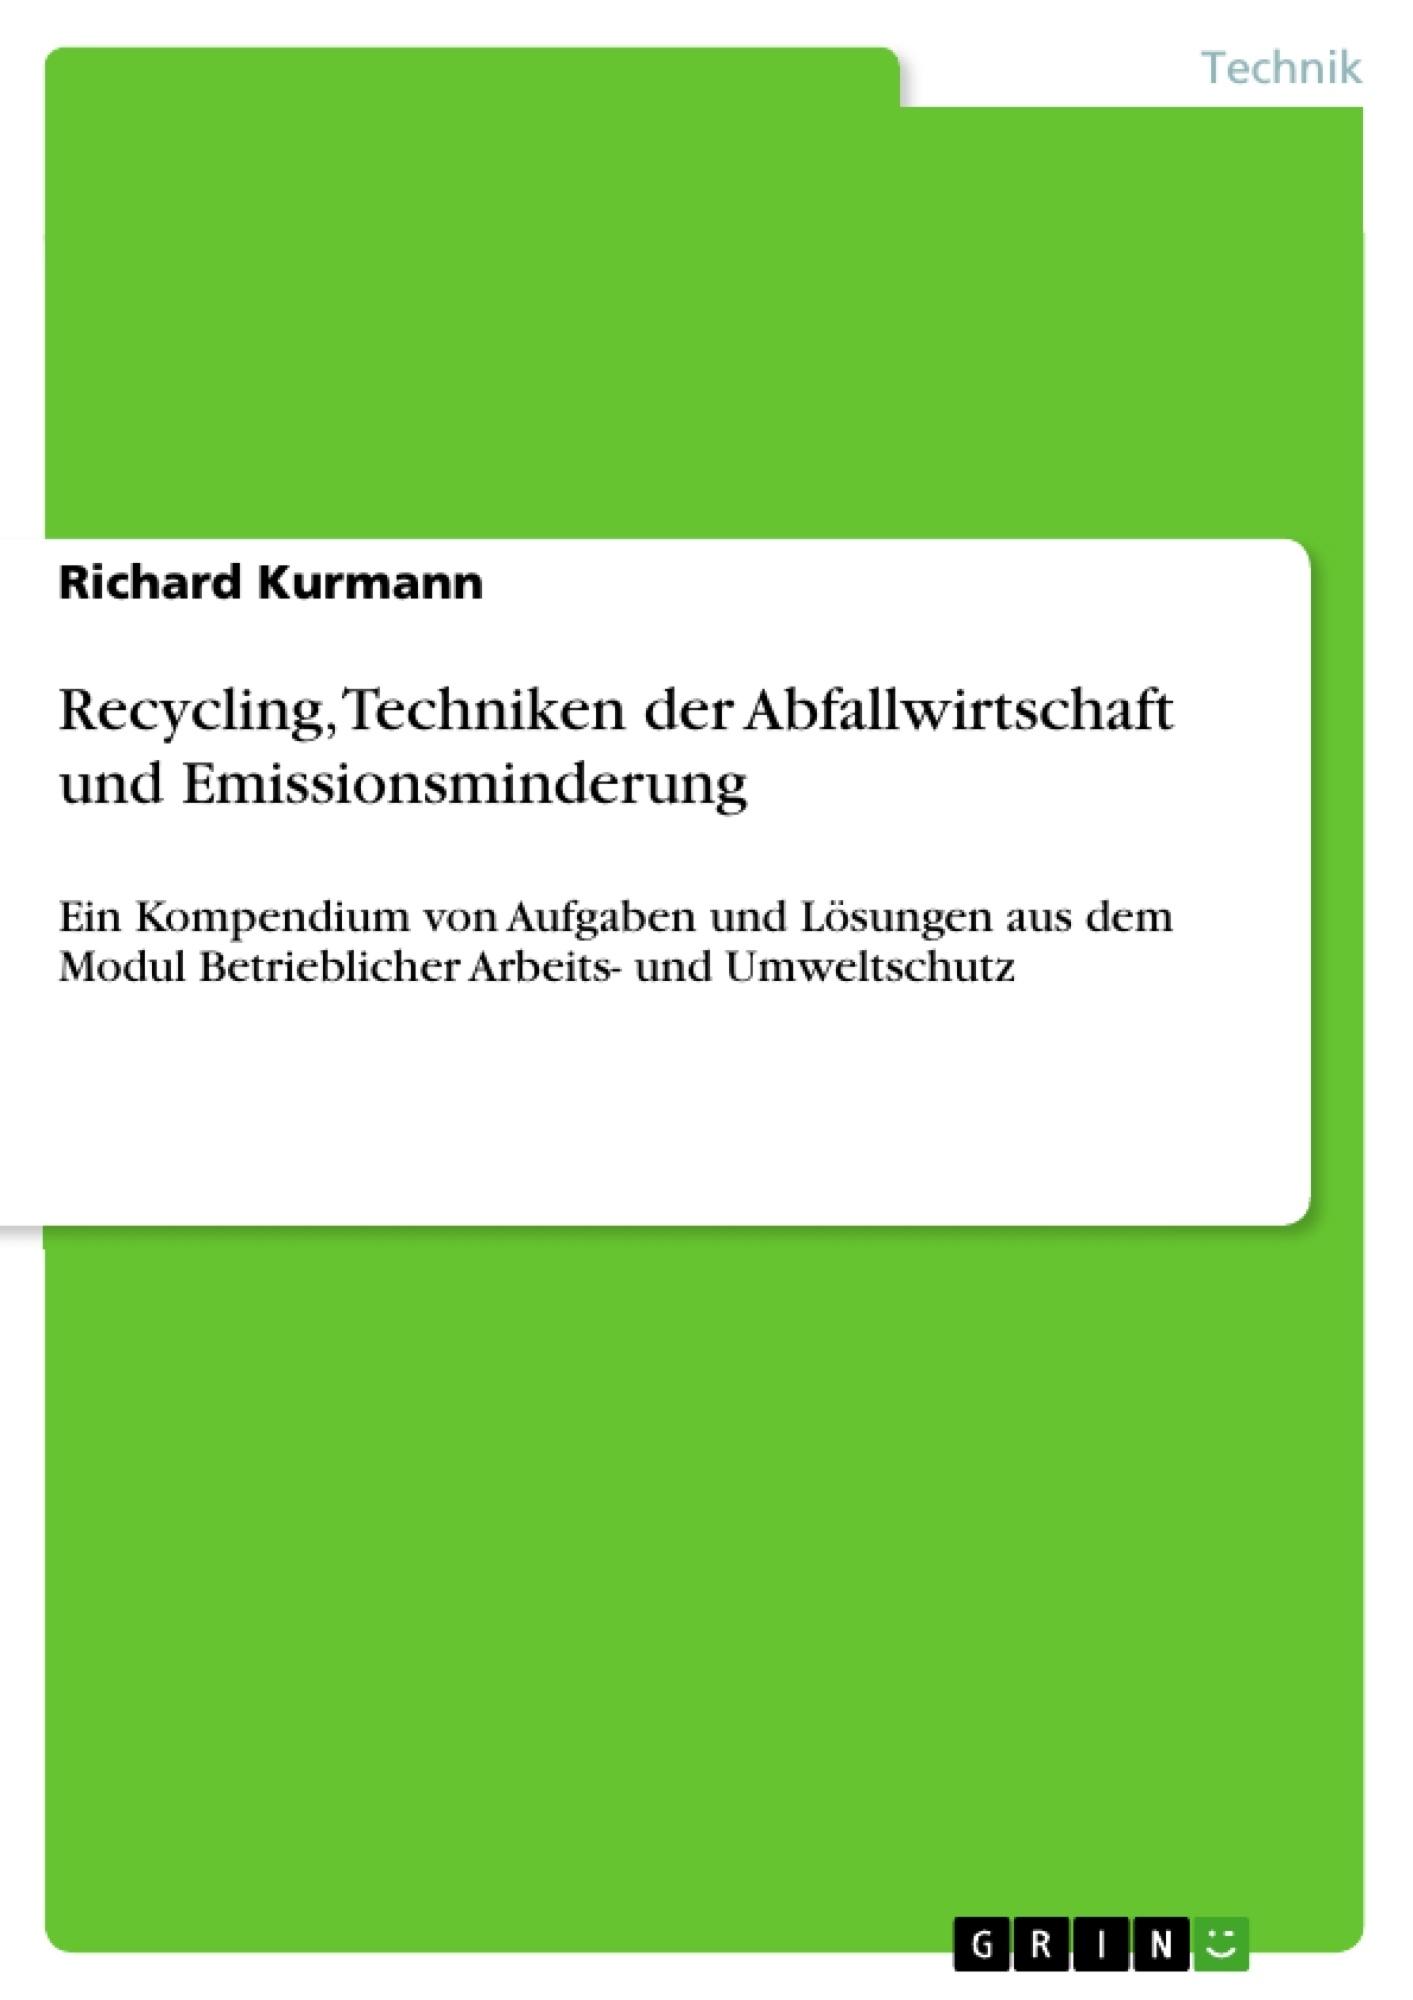 Titel: Recycling, Techniken der Abfallwirtschaft und Emissionsminderung